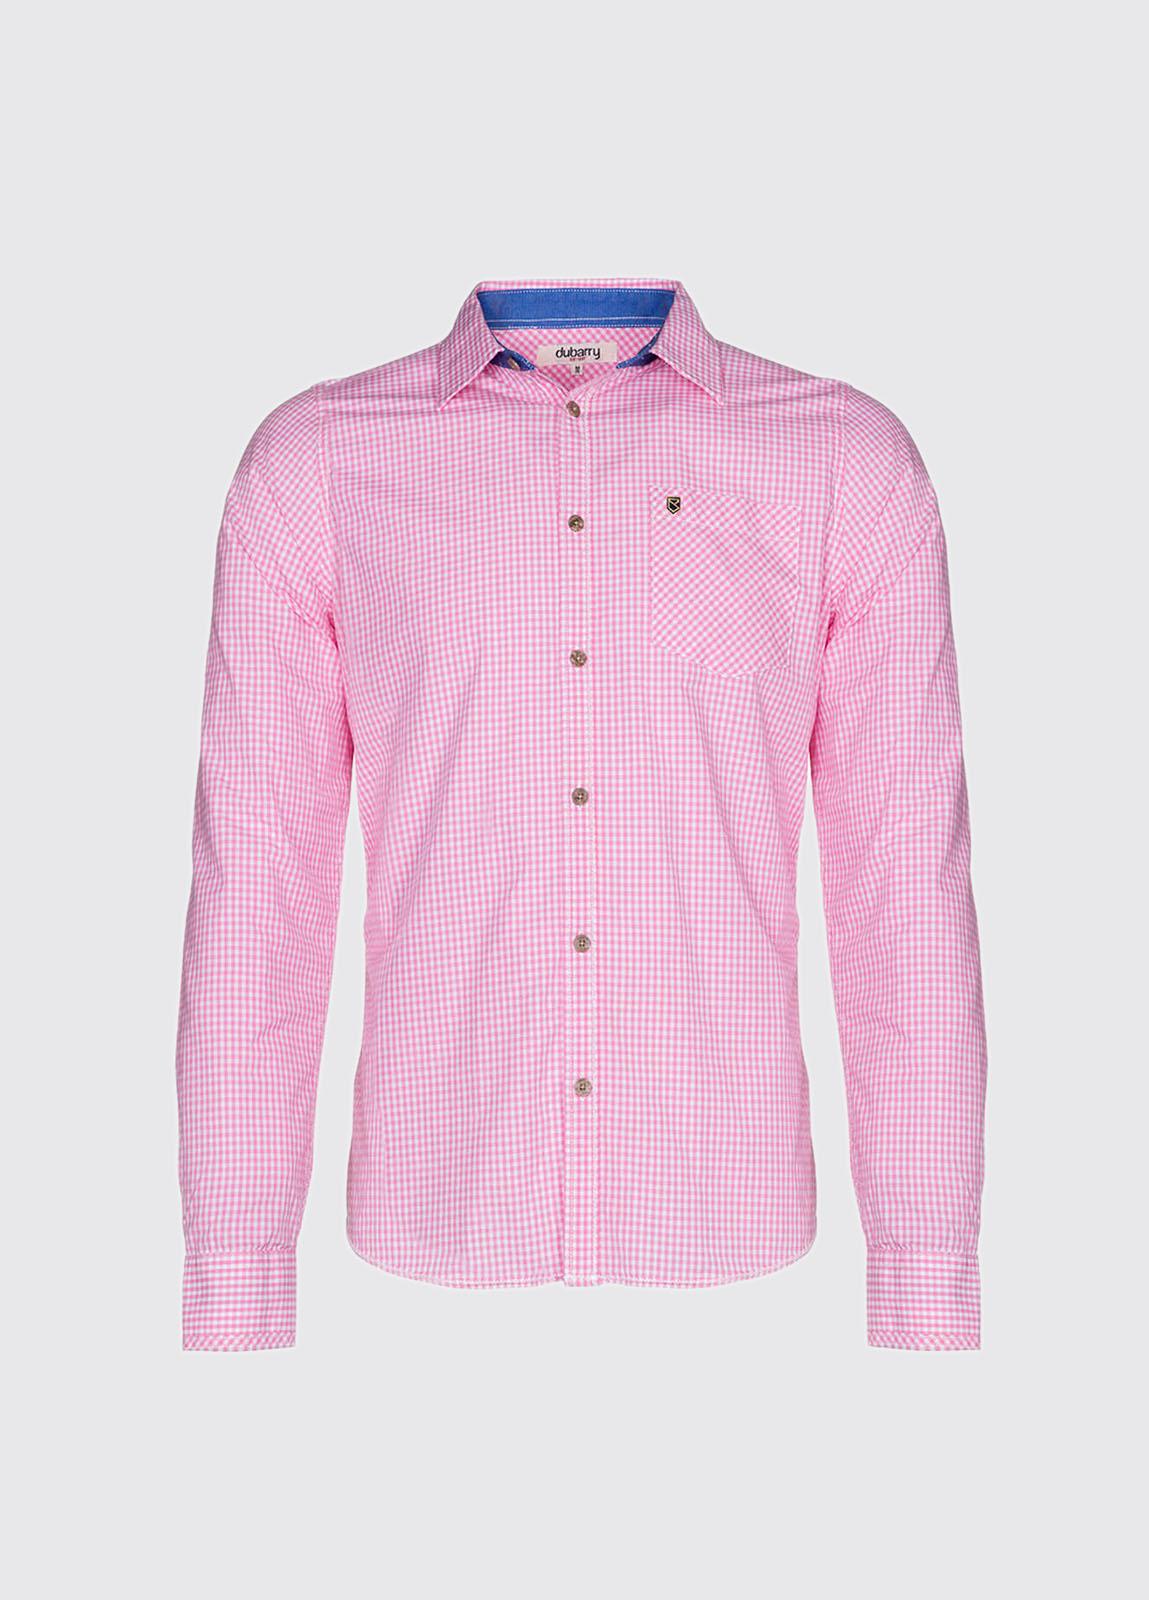 Clonbrock Shirt - Pink